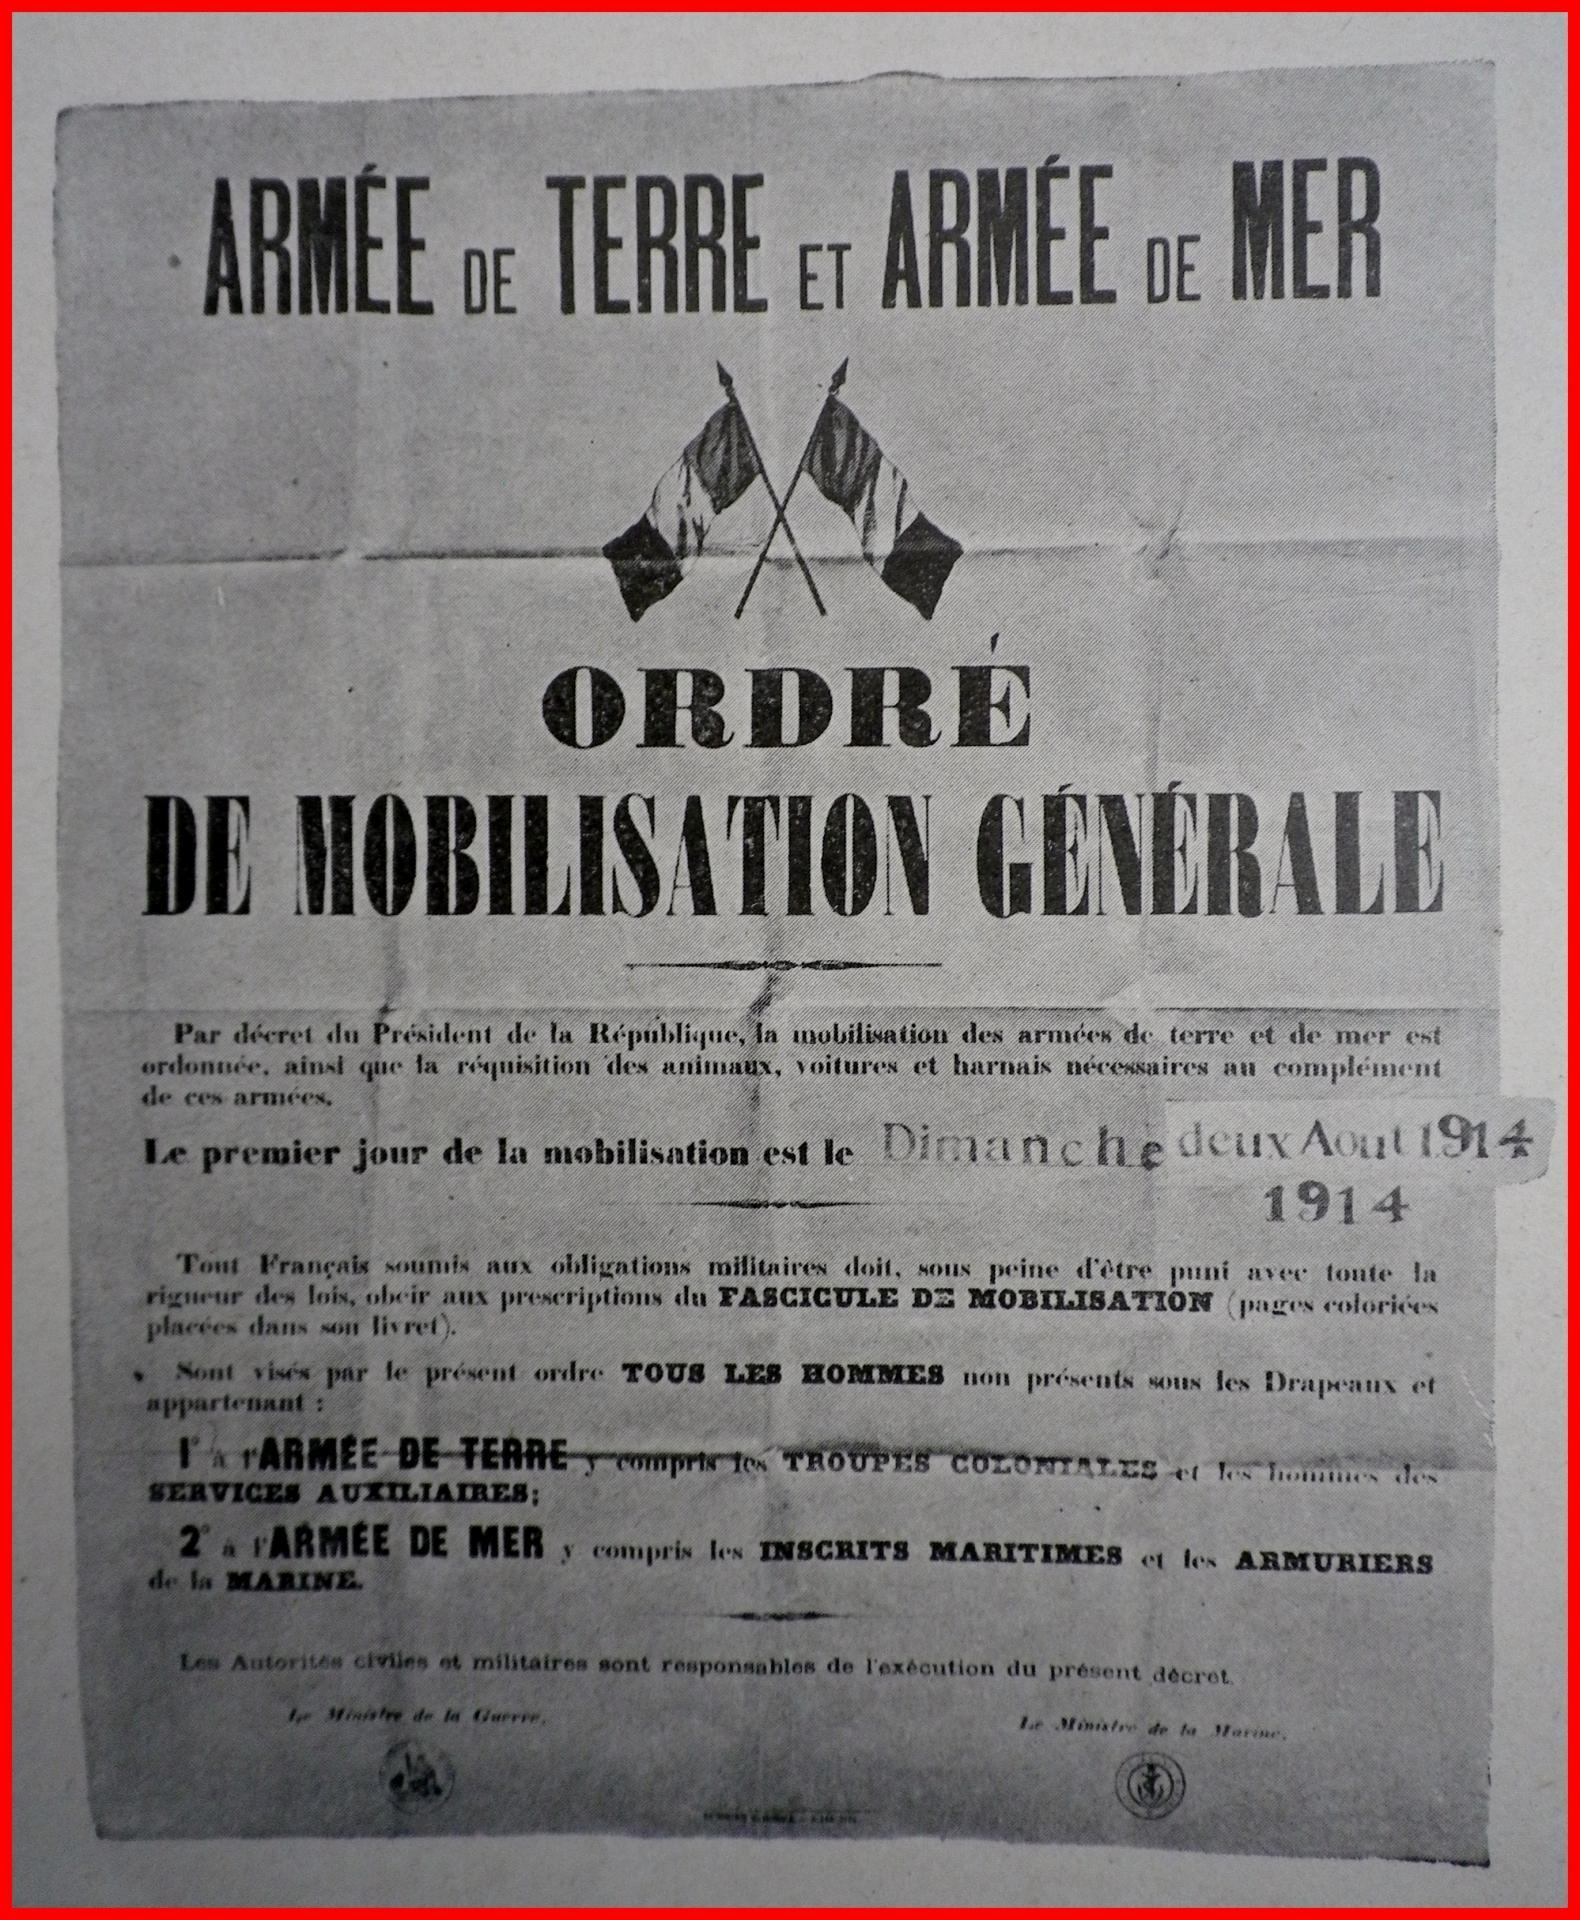 Calais 14 18 orde de mobilisation generale encadre